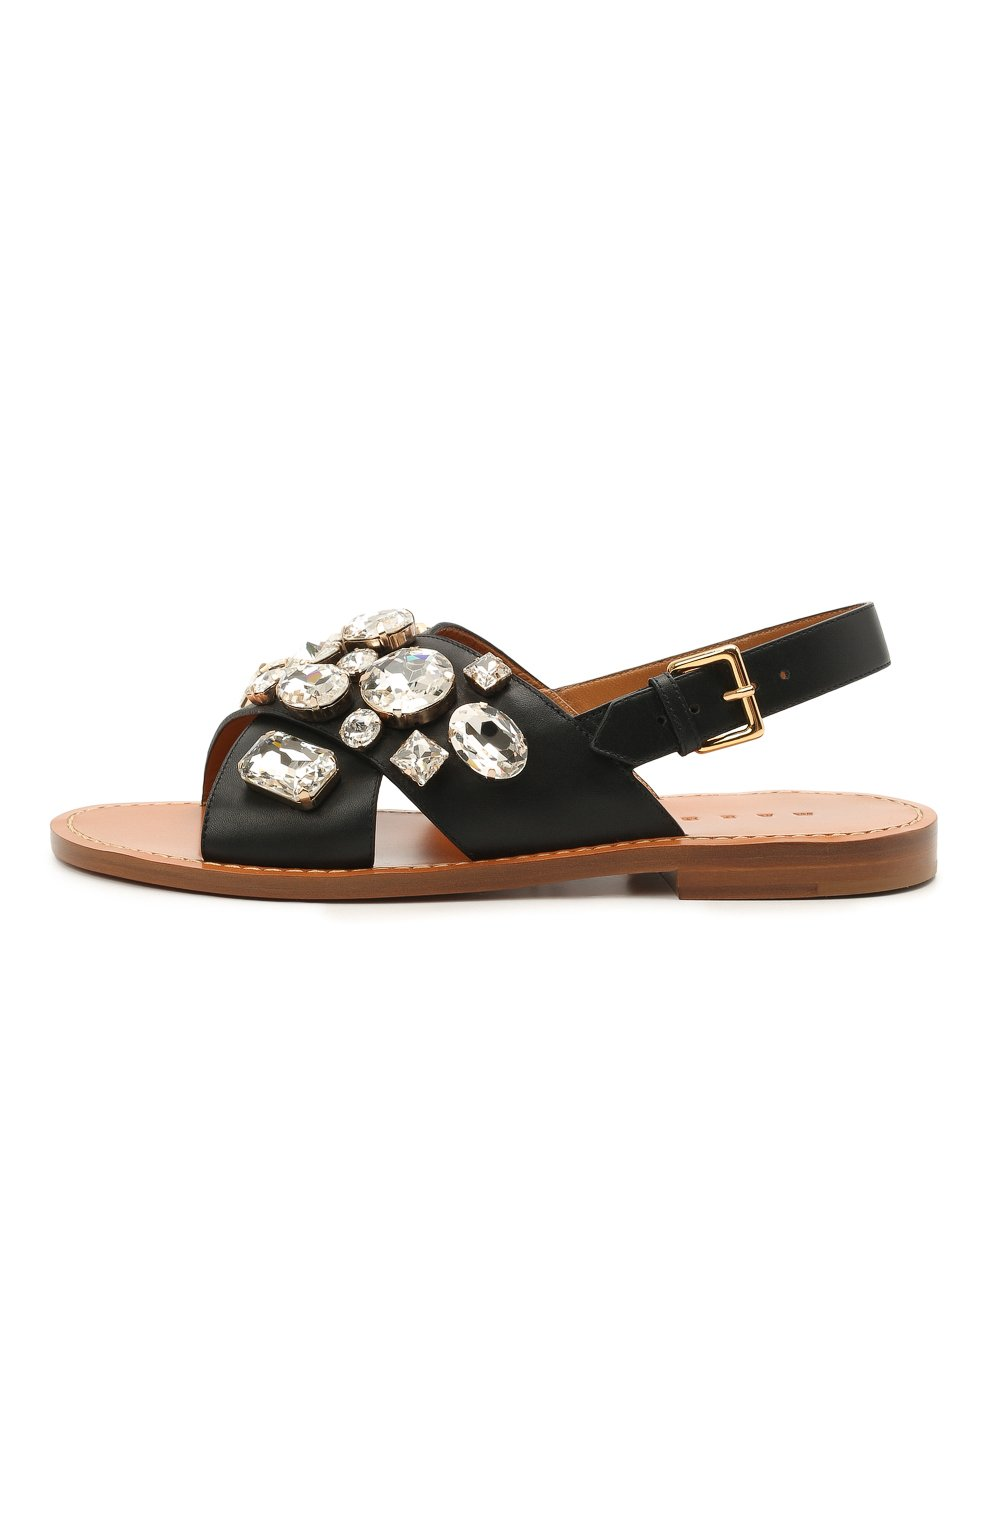 Женские кожаные сандалии MARNI черного цвета, арт. SAMS012400/P4107 | Фото 3 (Каблук высота: Низкий; Материал внутренний: Натуральная кожа; Подошва: Плоская)